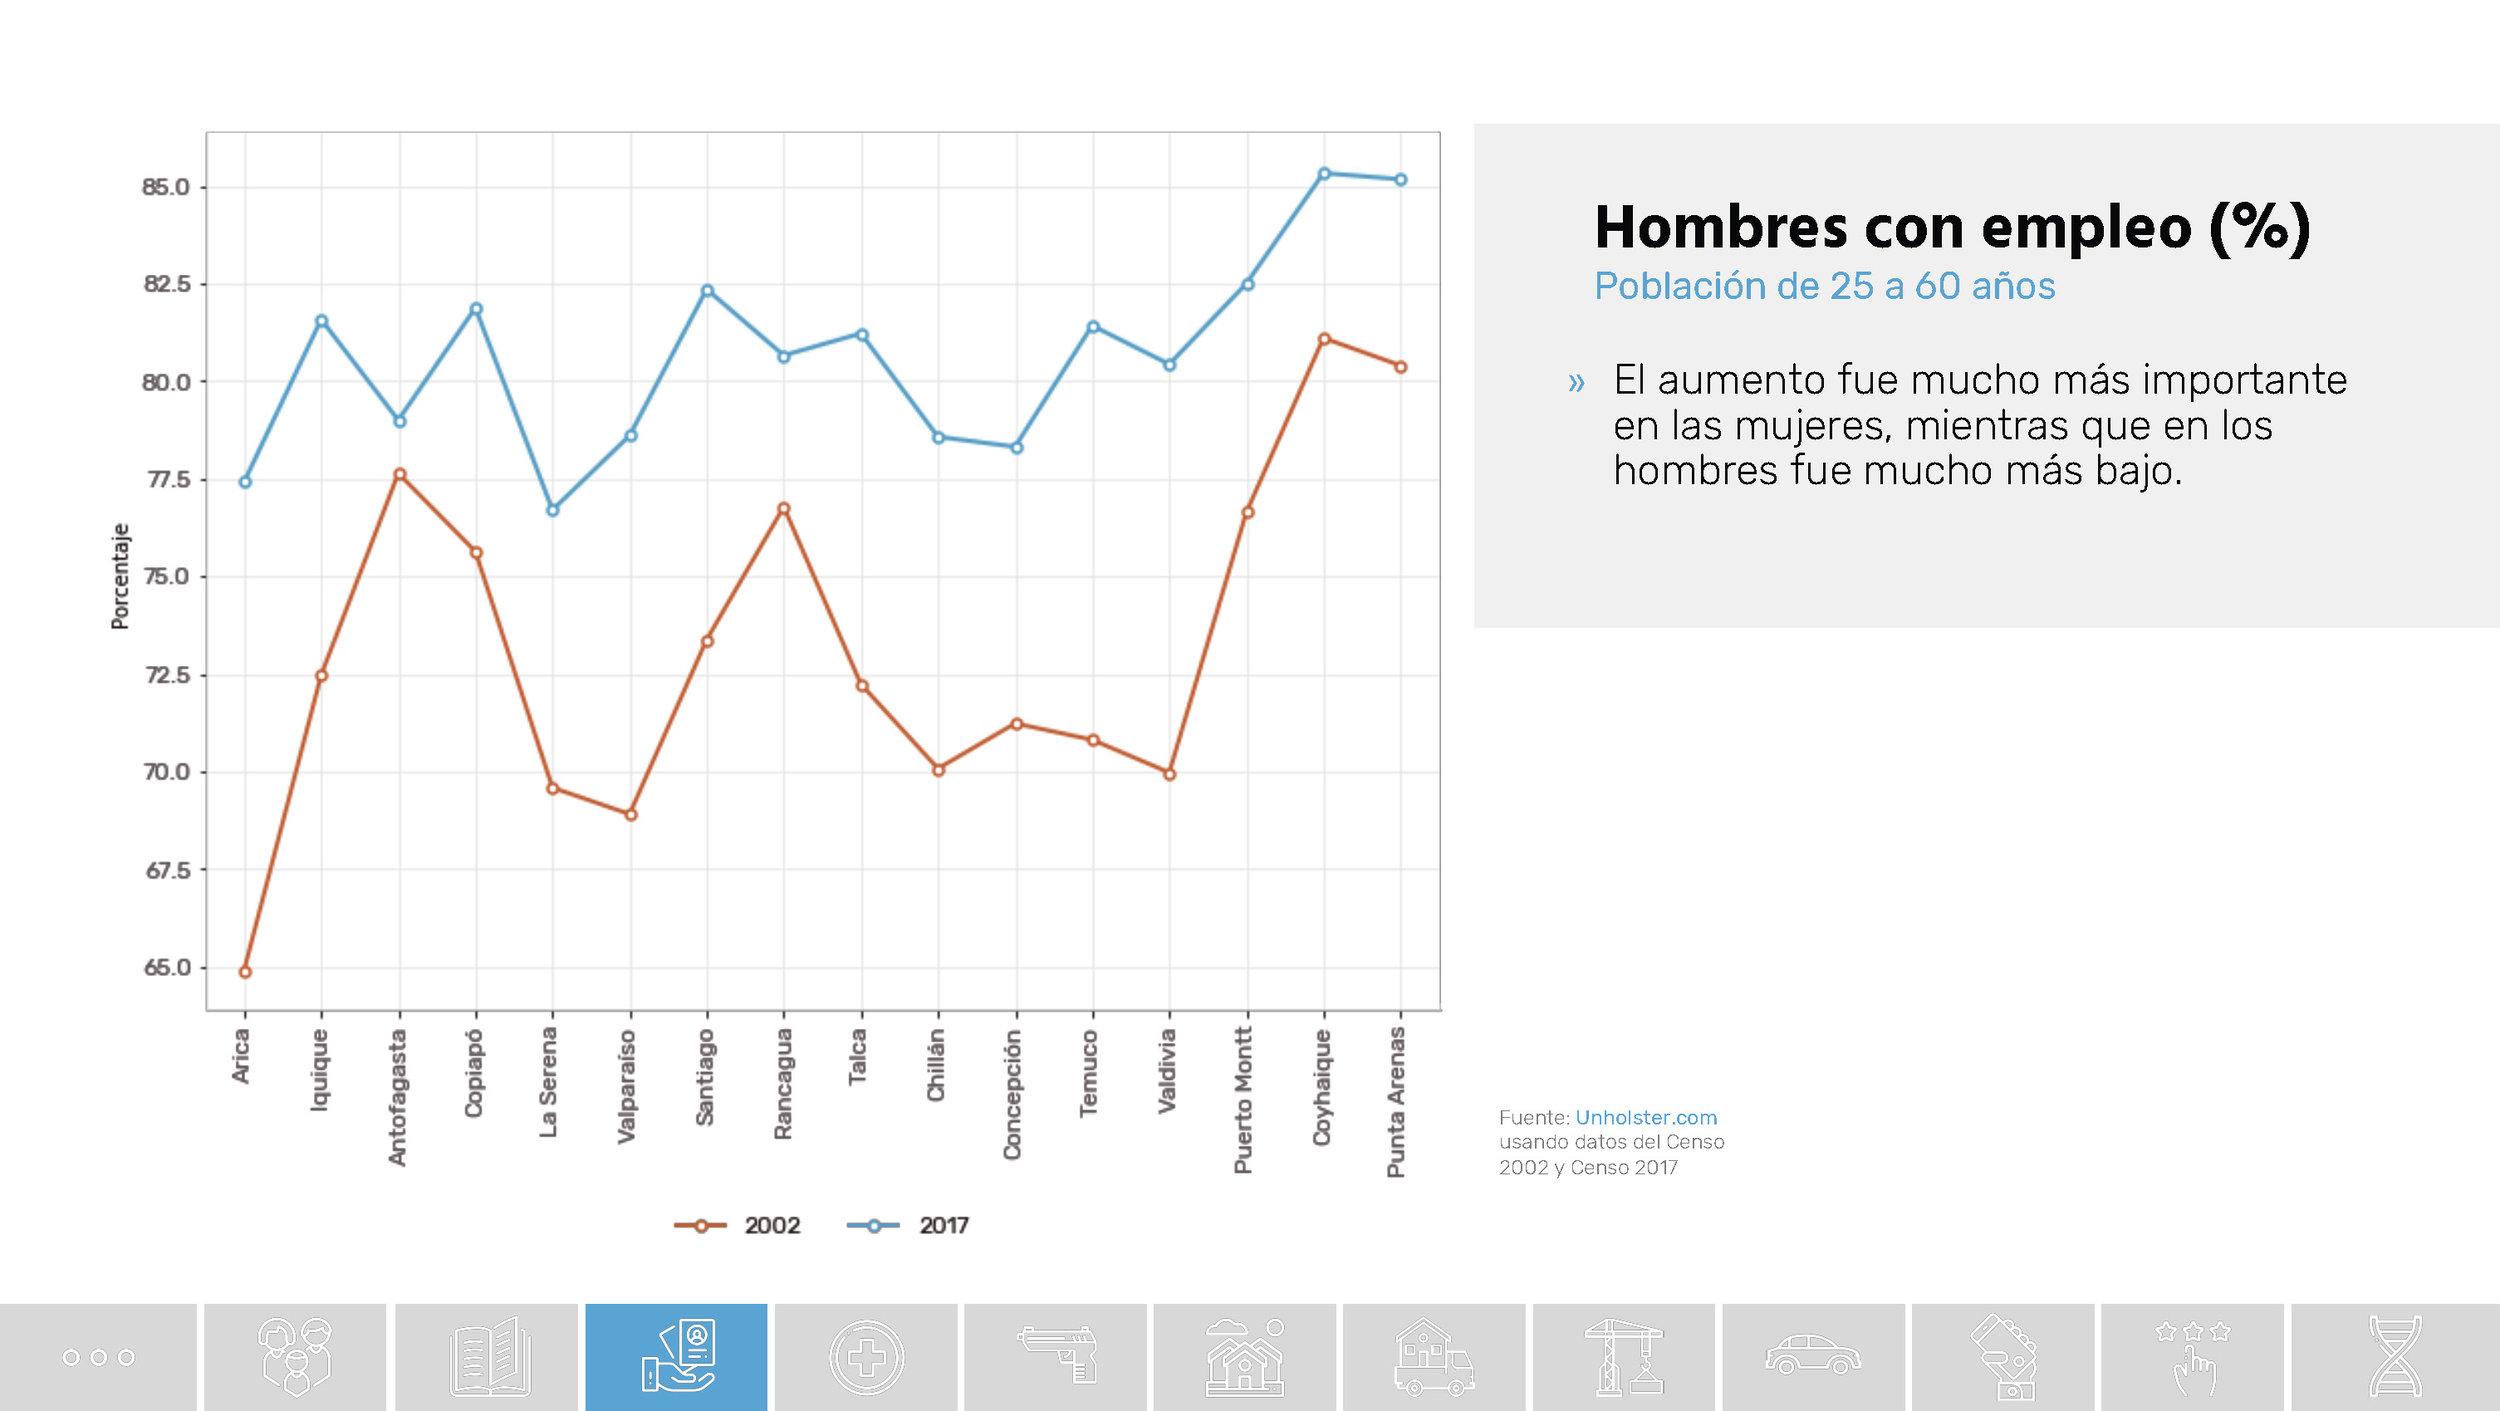 Chile_Datos de una transformacion social_Unholster_Página_28.jpg